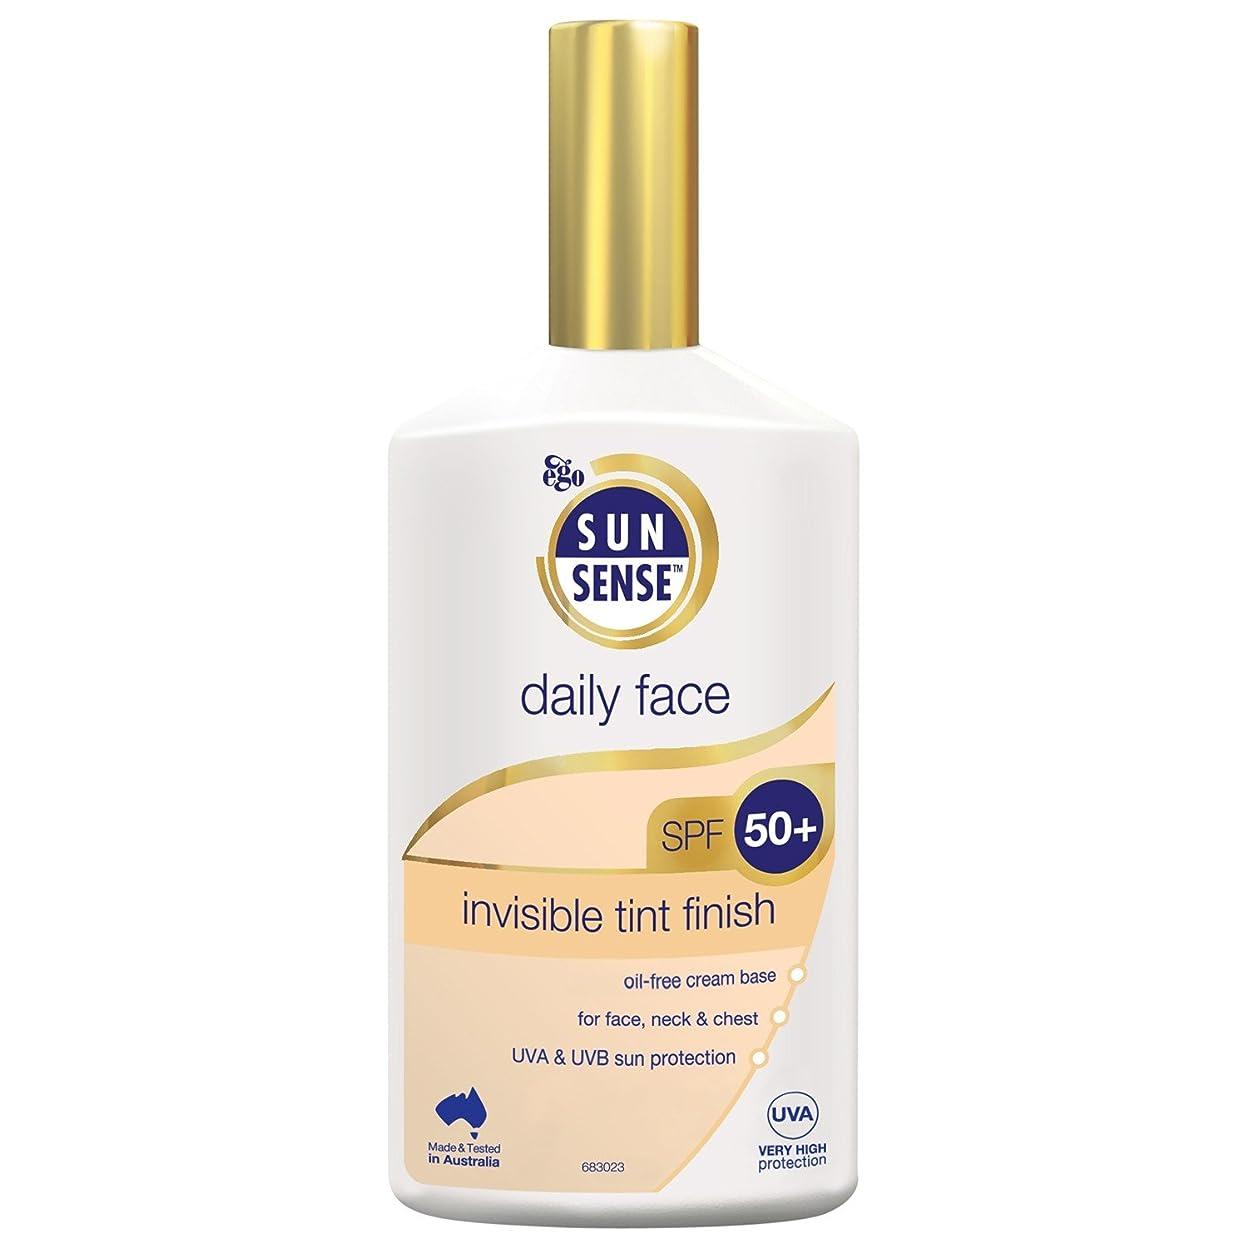 規制する飾るフラフープSunsense毎日顔は見えない色合い仕上げSpf 50+日焼け止め200ミリリットル (Sunsense) (x6) - Sunsense Daily Face Invisible Tint Finish SPF 50+ Sunscreen 200ml (Pack of 6) [並行輸入品]